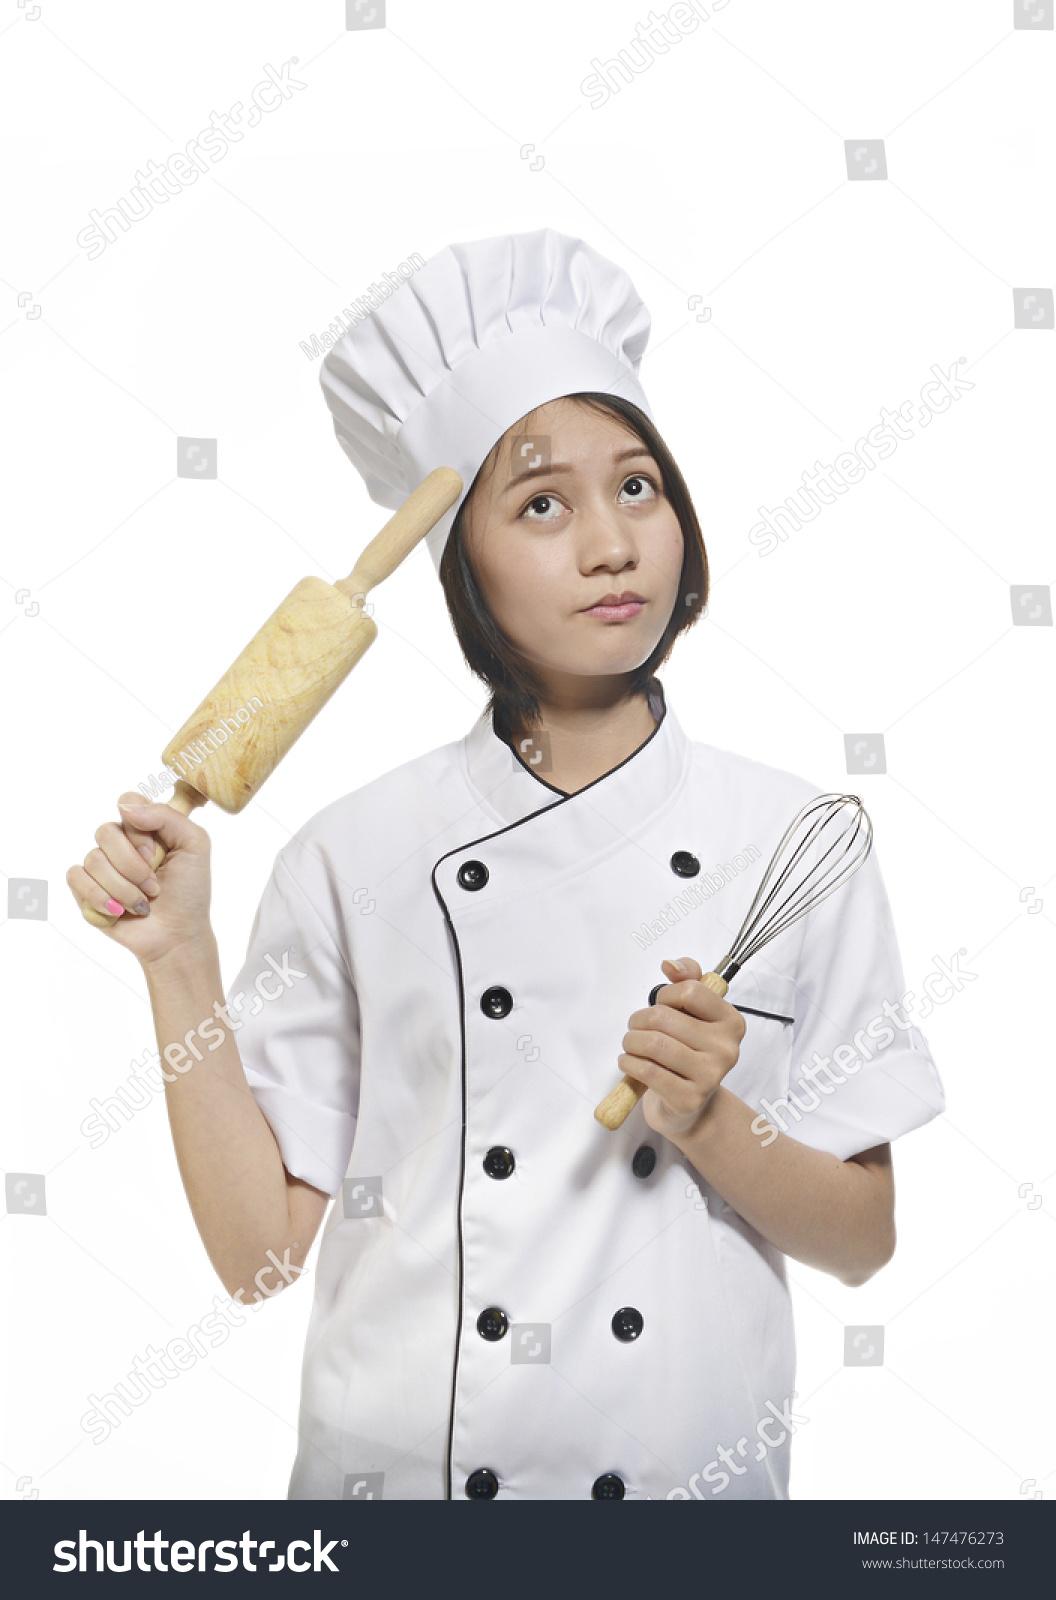 Asian Amateur young female asian amateur chef stock photo (edit now) 147476273